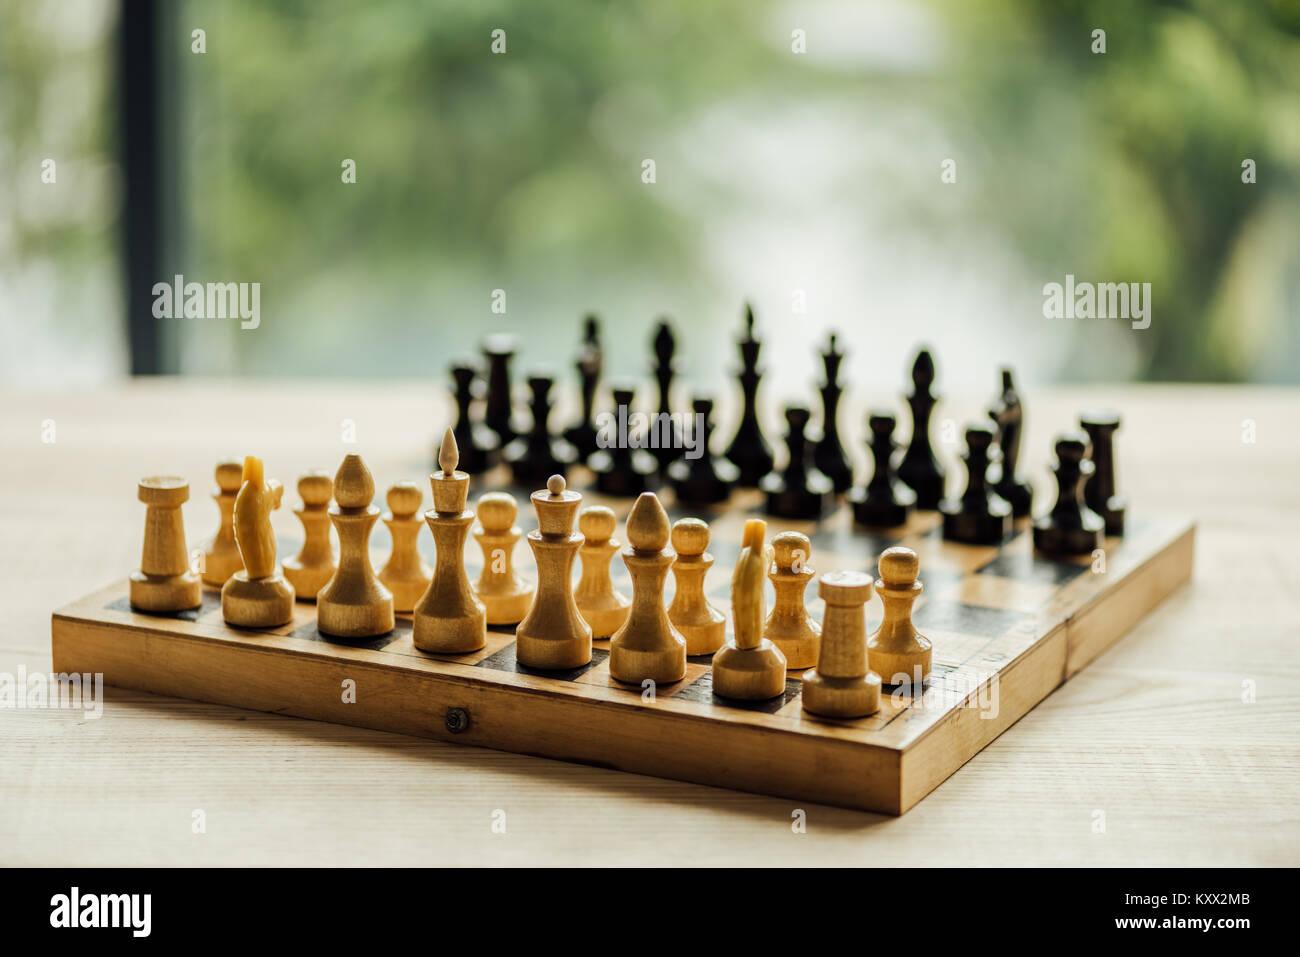 Ancien conseil d'échecs défini pour un nouveau jeu sur la table. Selective focus sur les chiffres d'échecs blanc Banque D'Images